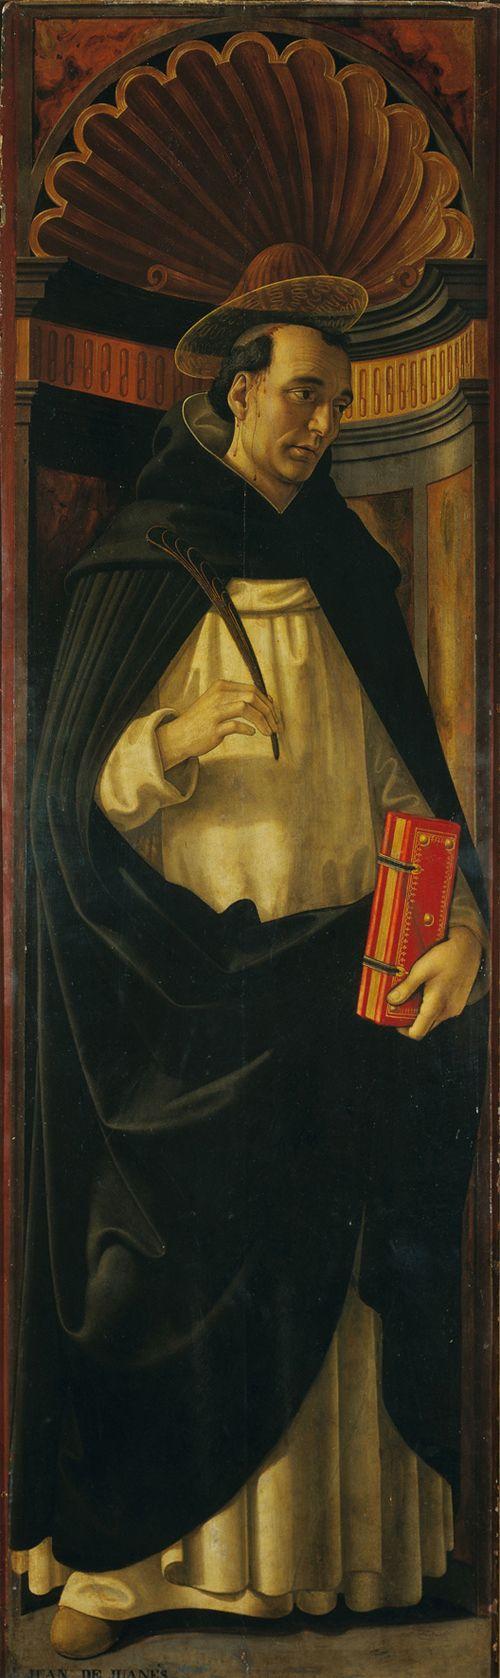 Domenico Ghirlandaio und Werkstatt Hl. Petrus Martyr 1490–98 Fondazione Magnani Rocca, Mamiano di Traversetolo (Parma) © 2013. Foto Scala, Florenz